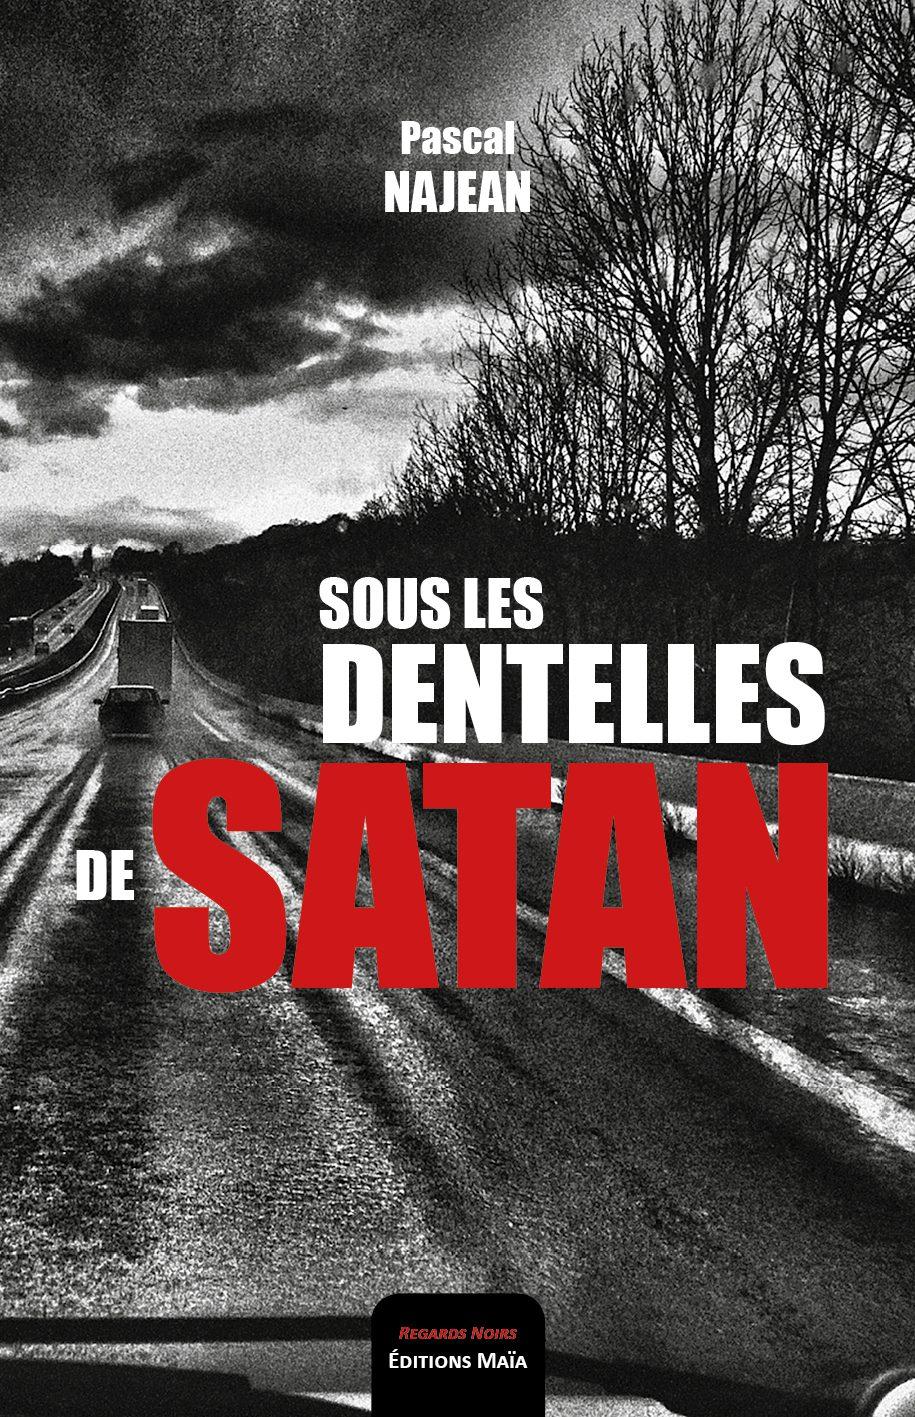 Entretien avec Pascal Najean – Sous les dentelles de Satan